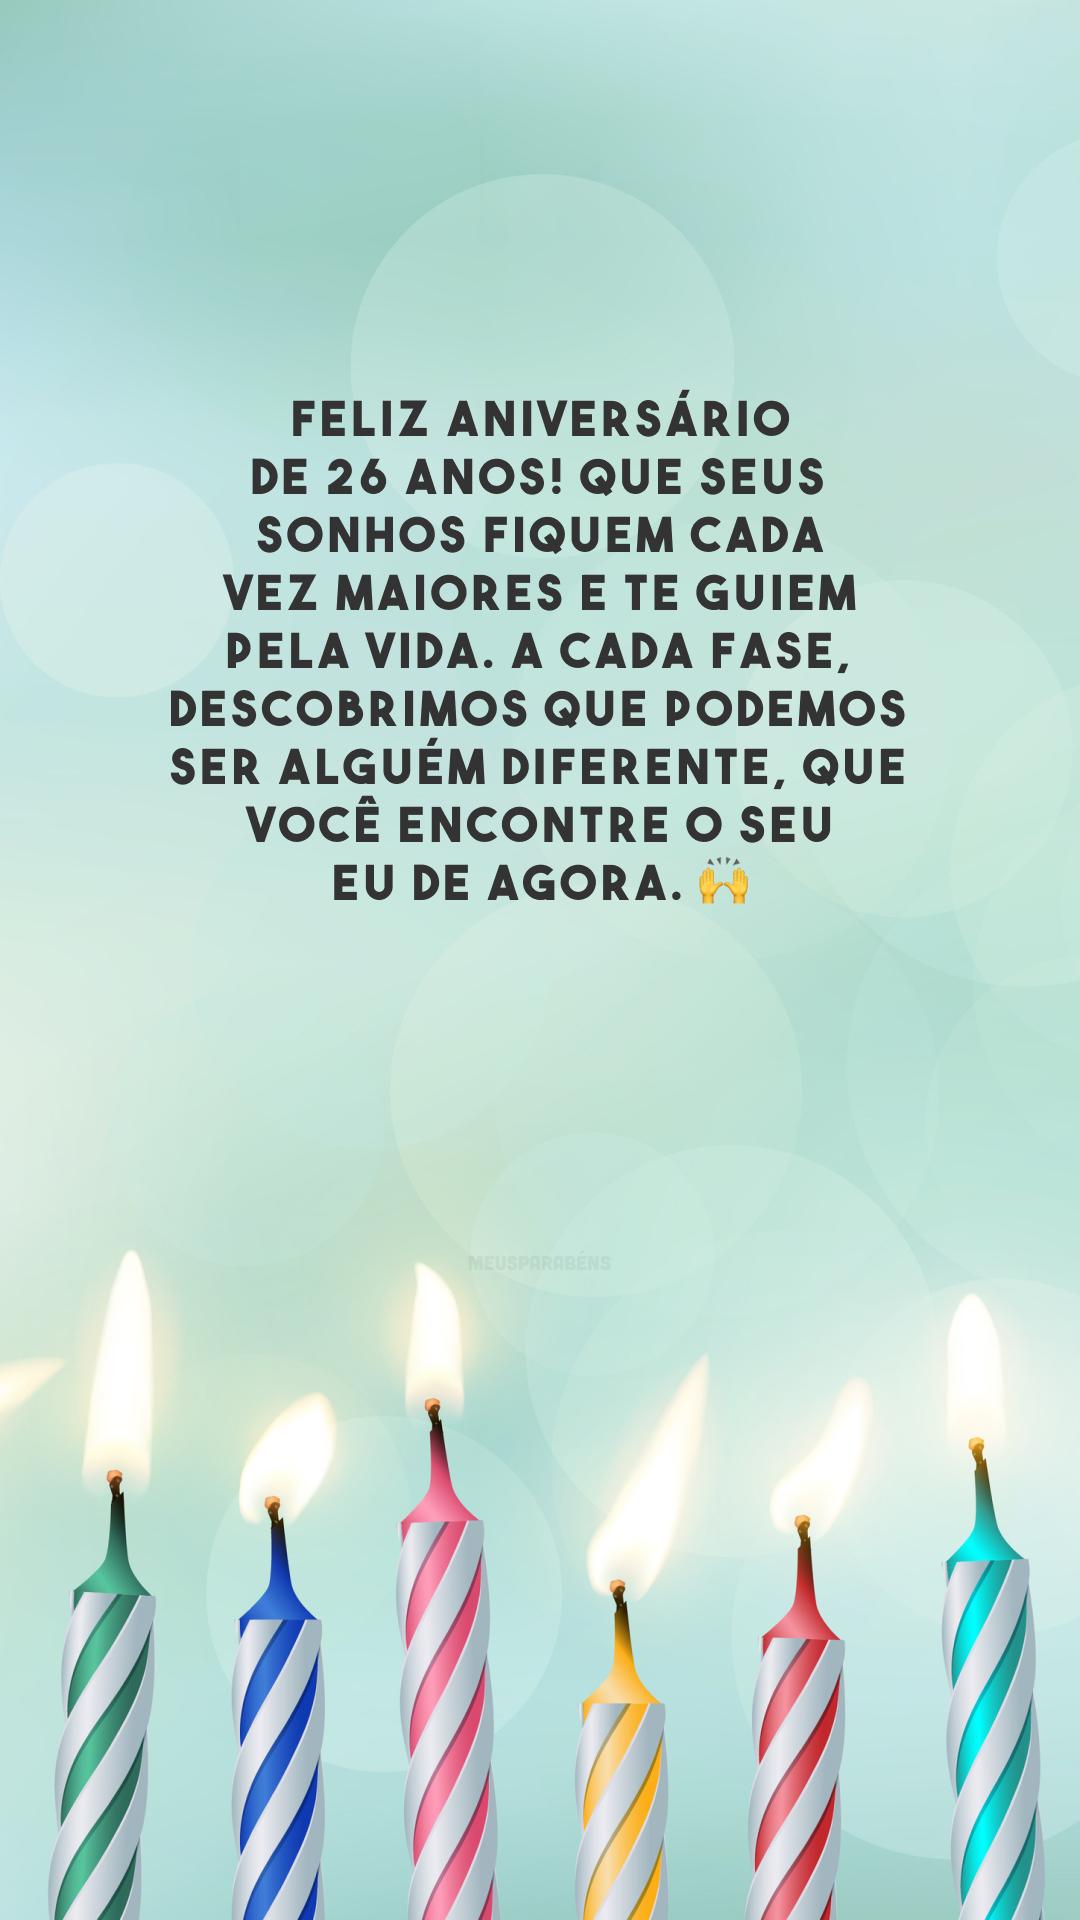 Feliz aniversário de 26 anos! Que seus sonhos fiquem cada vez maiores e te guiem pela vida. A cada fase, descobrimos que podemos ser alguém diferente, que você encontre o seu eu de agora. 🙌